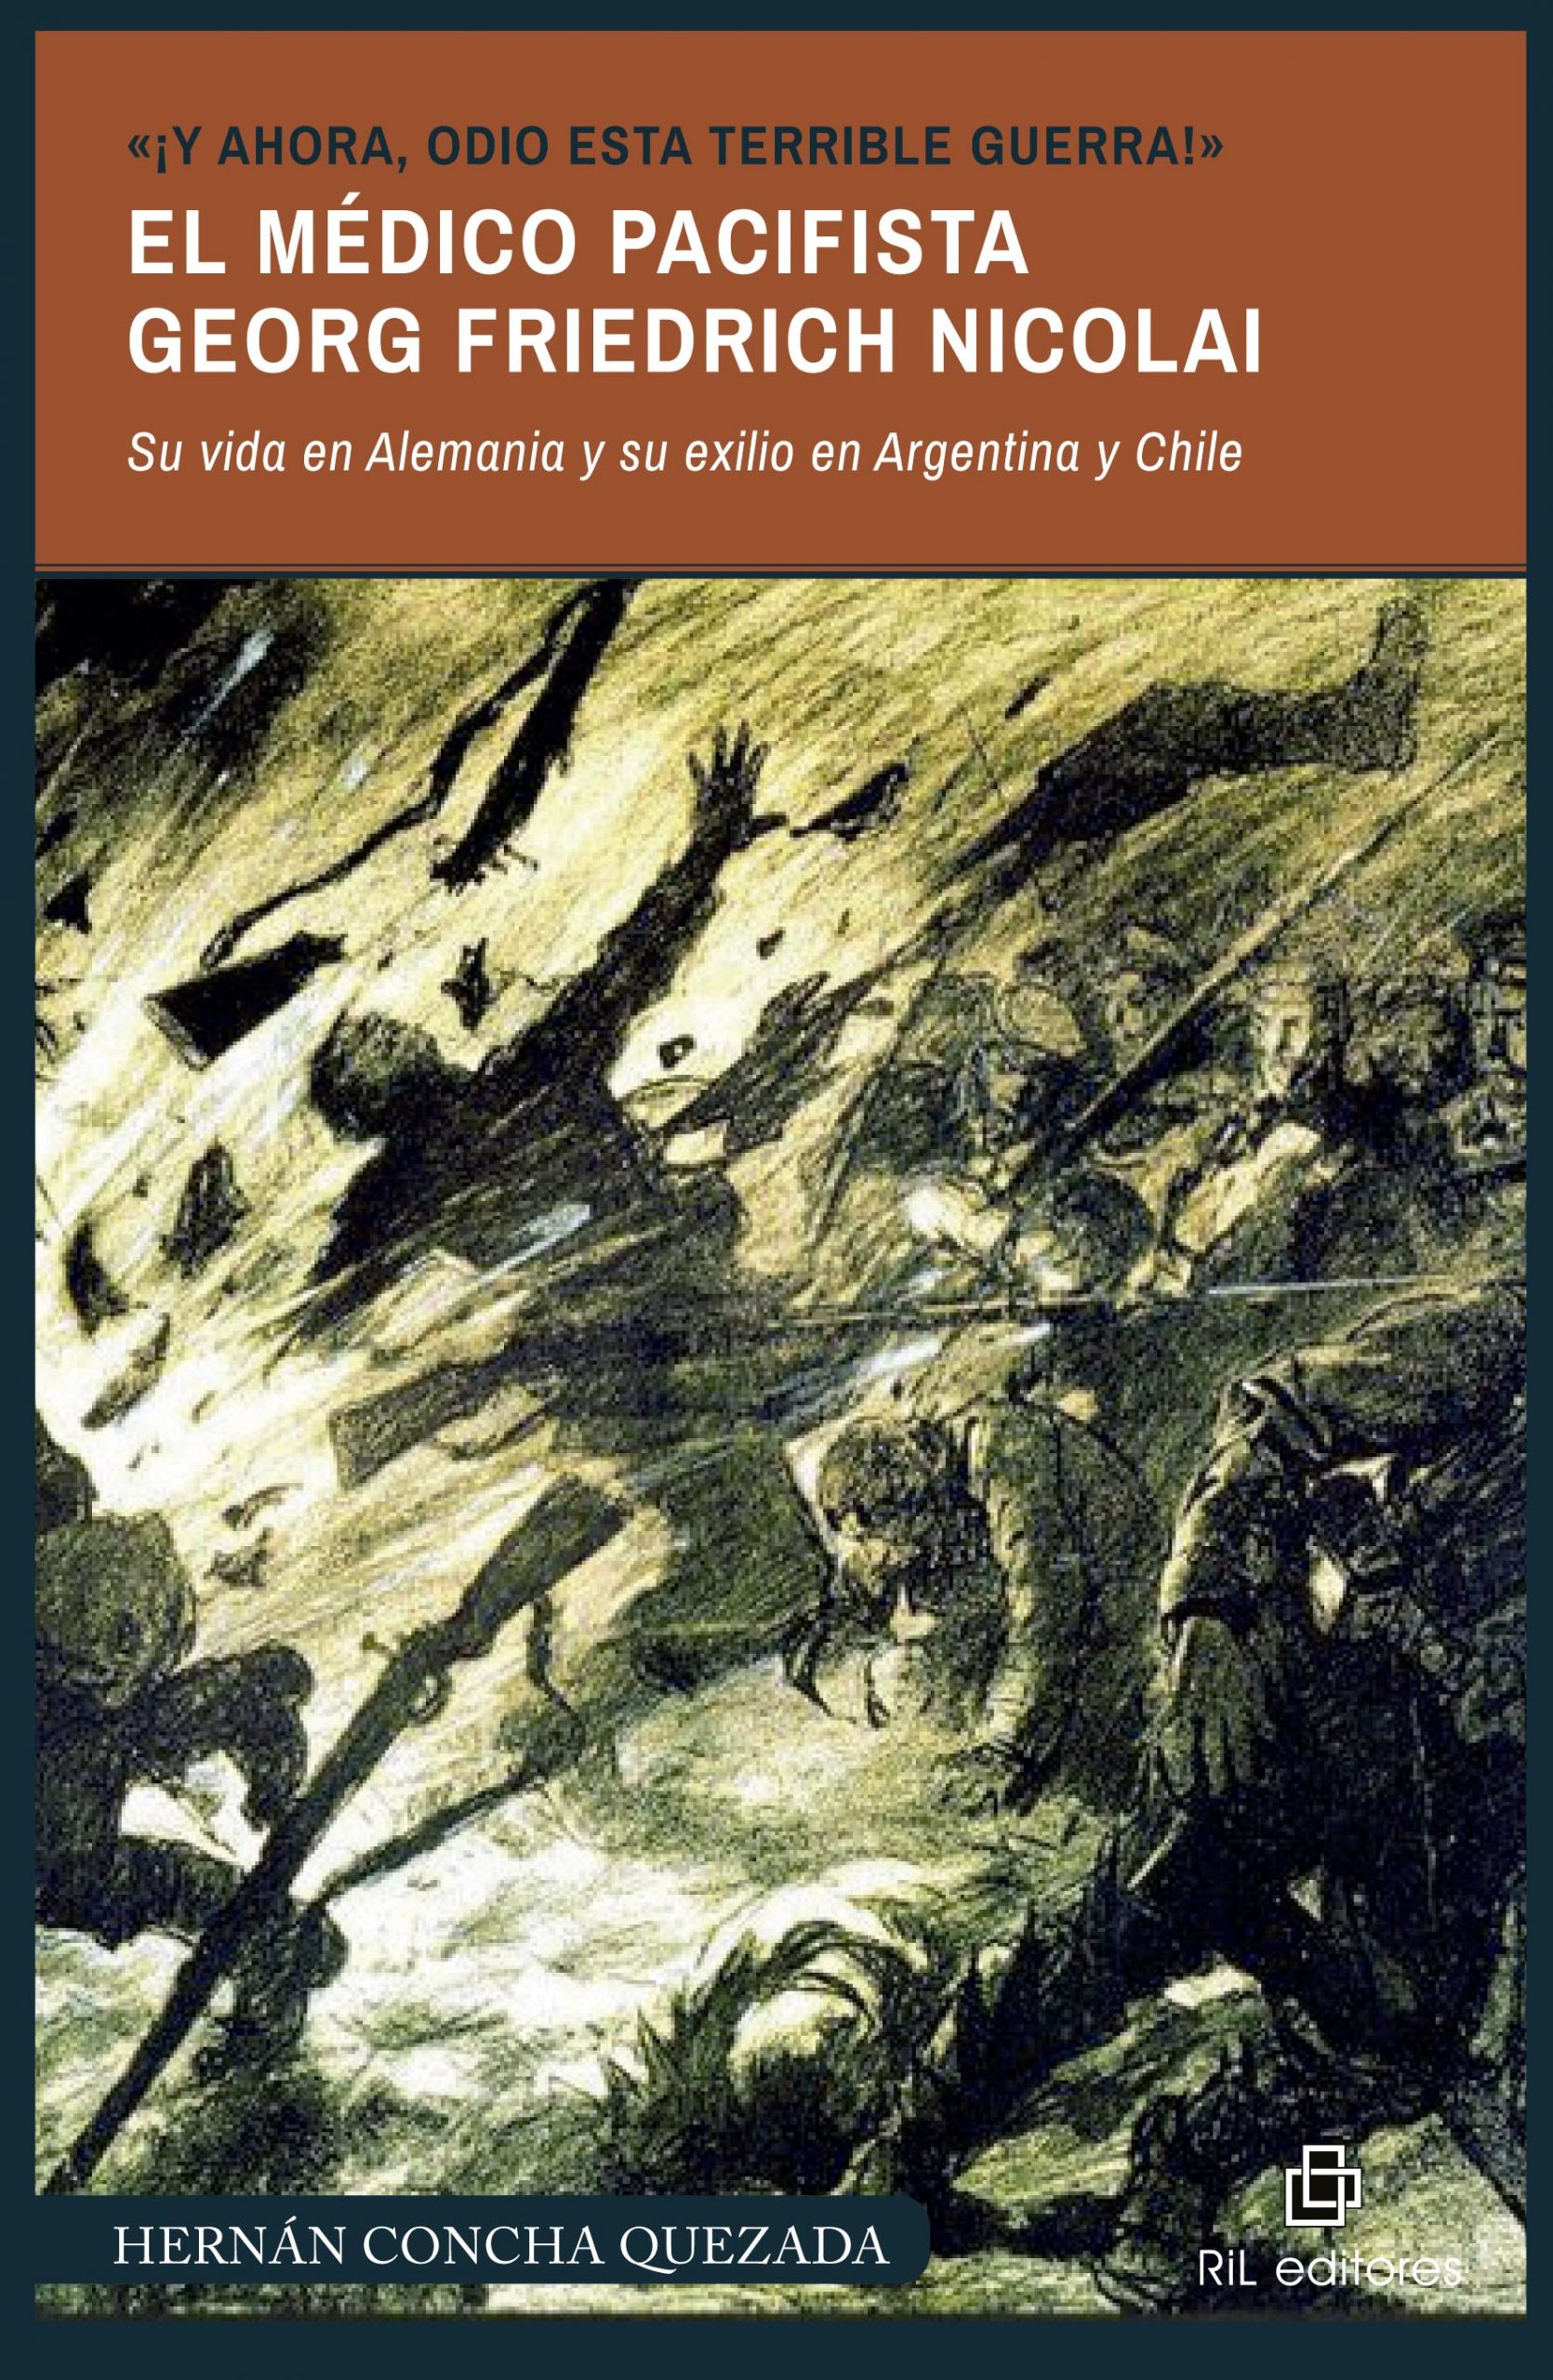 9788418065569 - Concha, Hernán - 2021 - Y ahora, odio esta terrible guerra-1